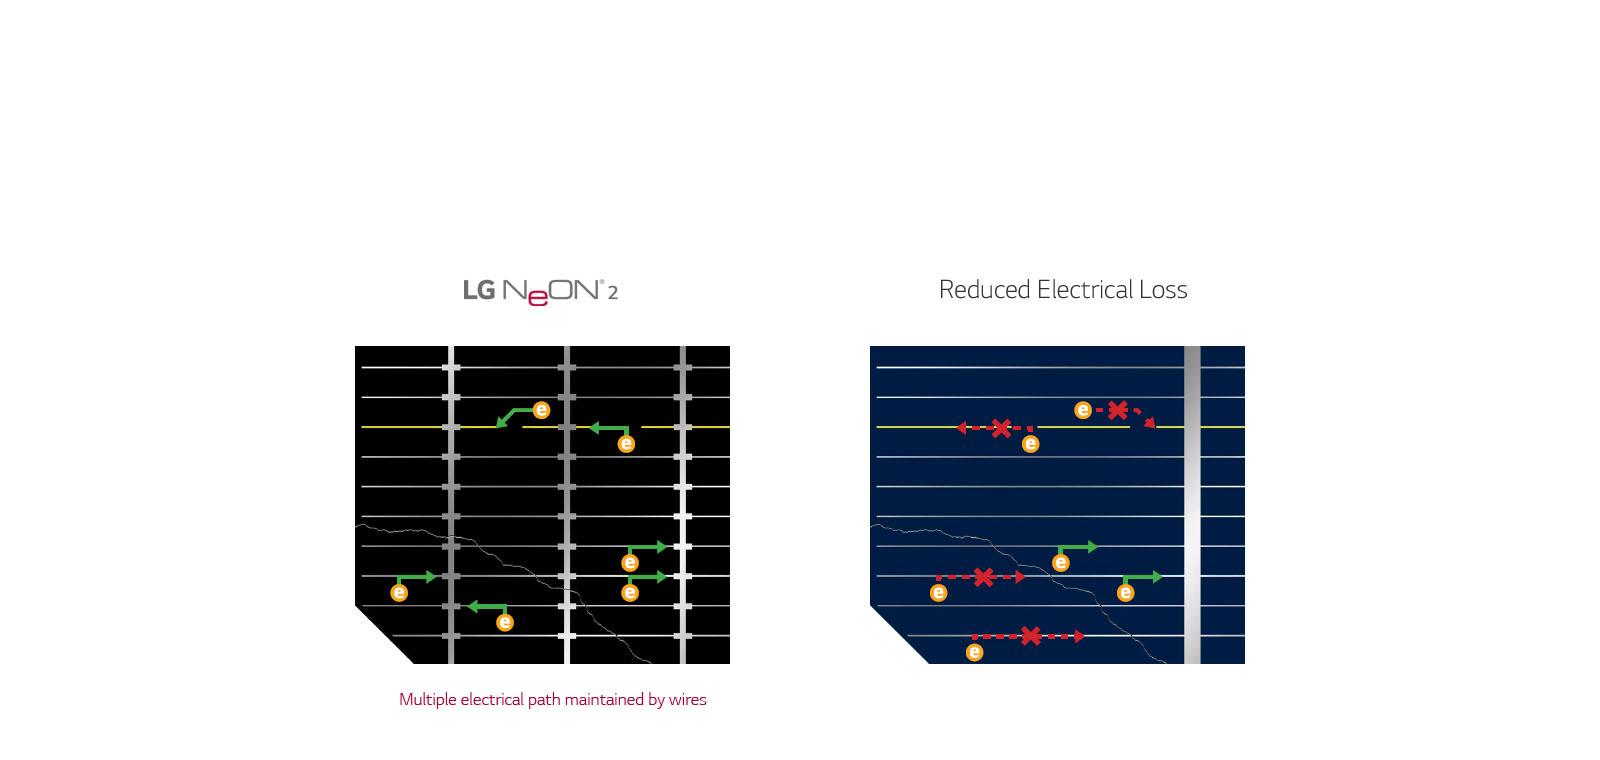 Pin mặt trời LG Neon2 400w tăng cường độ tin cậy lâu dài